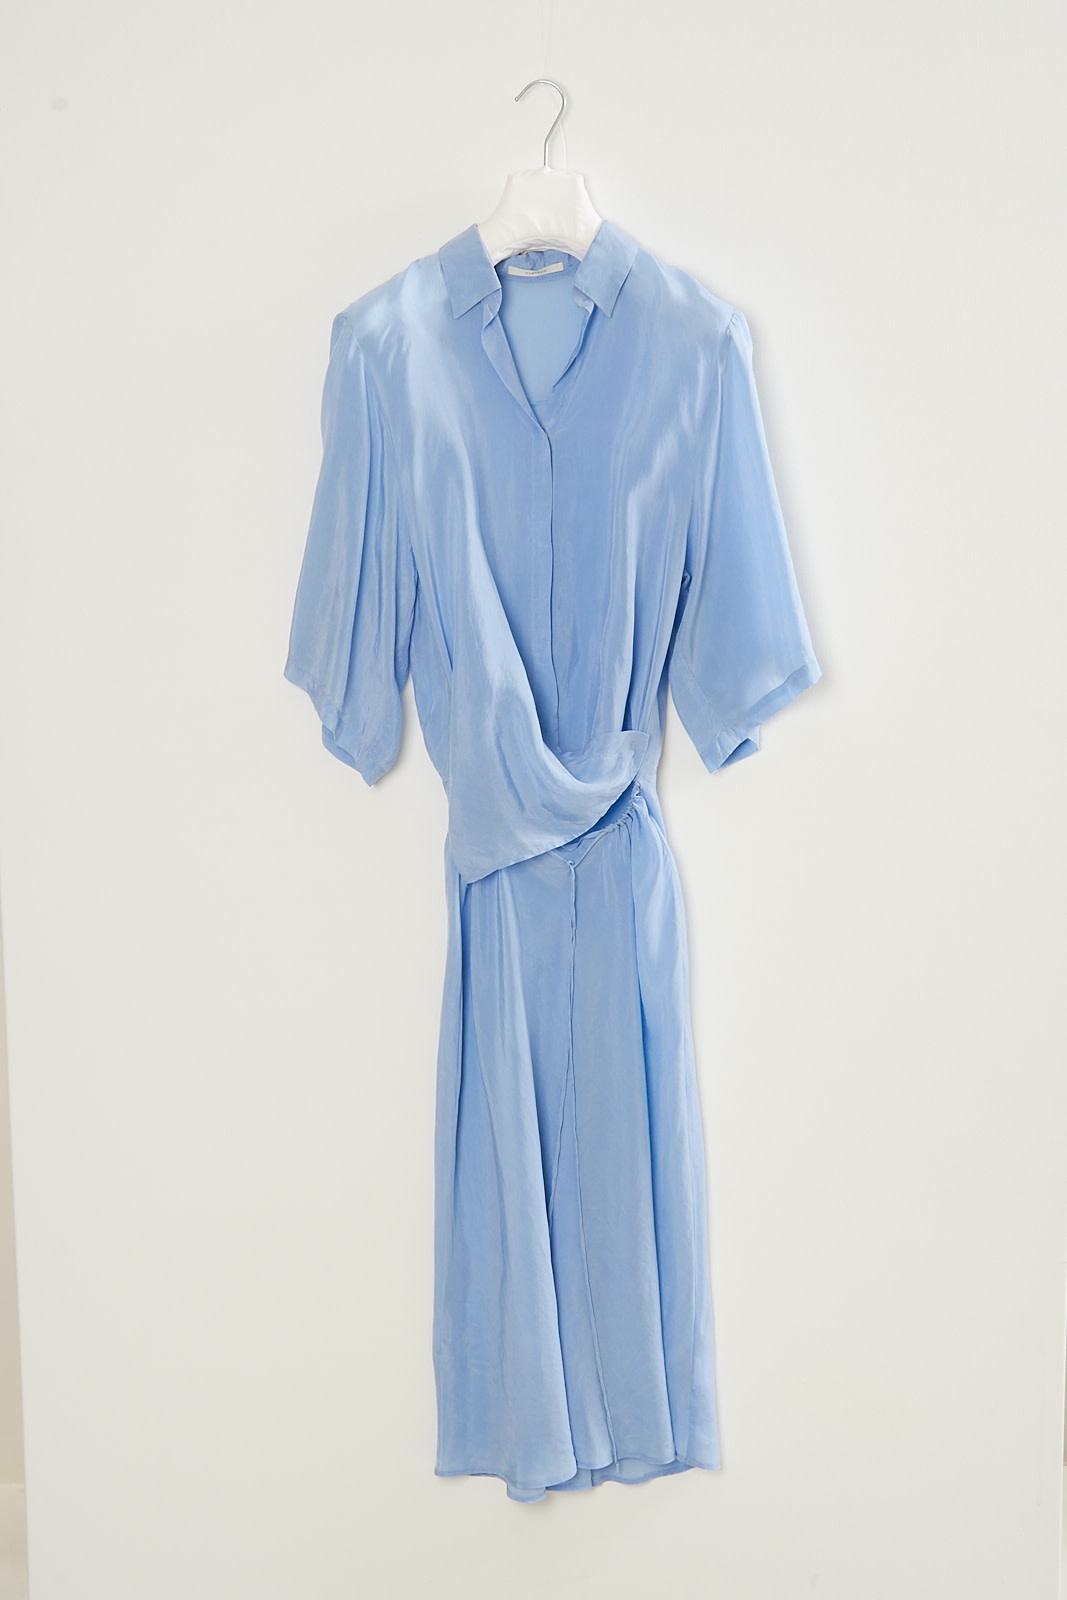 Humanoid - Felon fair dress